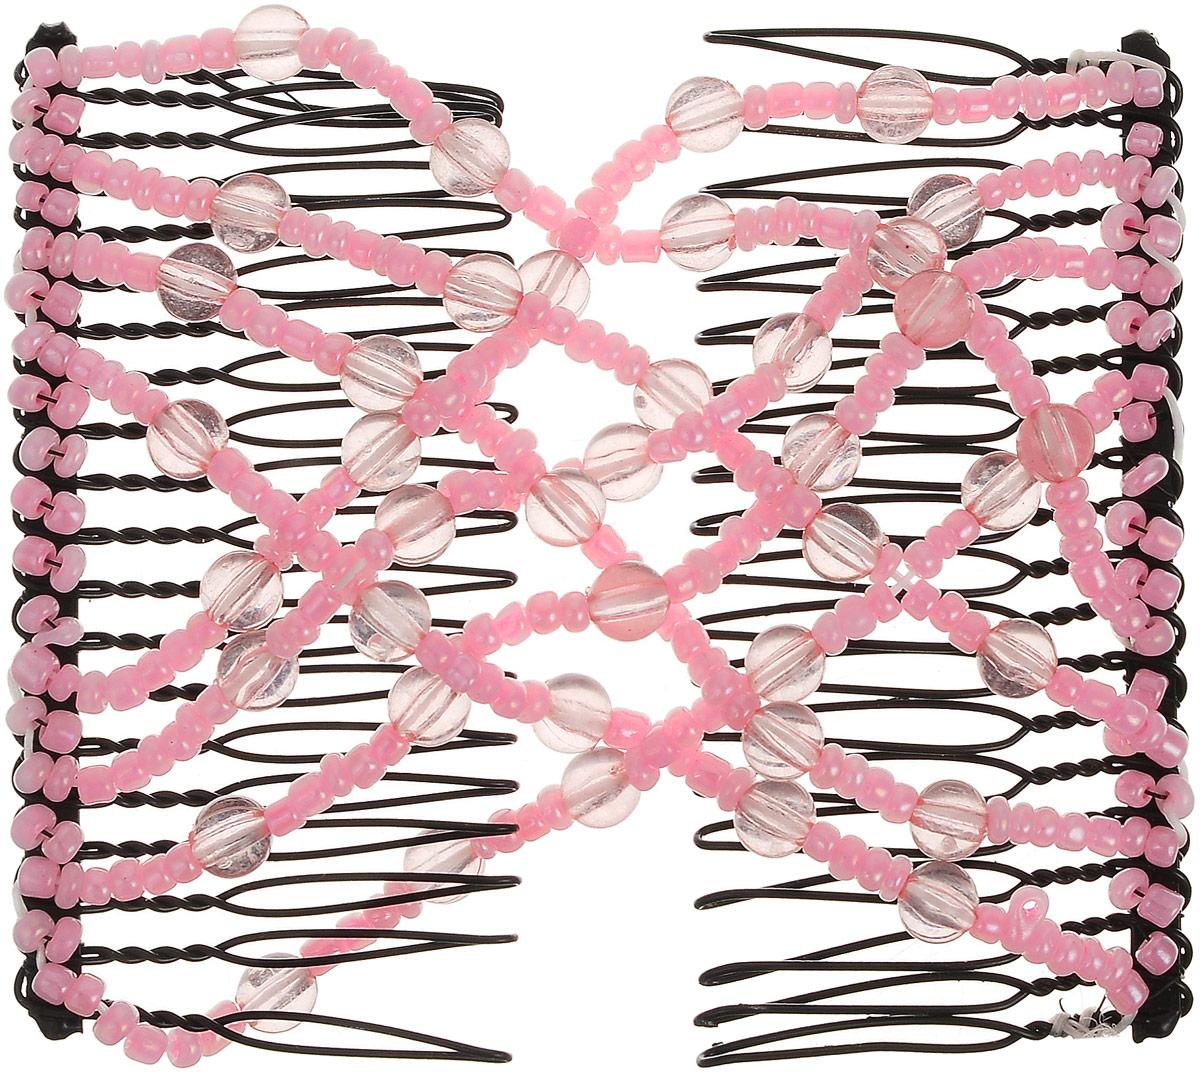 EZ-Combs Заколка Изи-Комбс, одинарная, цвет: розовый. ЗИО_шарикиЗИО_розовый/шарикиУдобная и практичная заколка EZ-Combs подходит для любого типа волос: тонких, жестких, вьющихся или прямых,и не наносит им никакого вреда. Заколка не мешает движениям головы и не создает дискомфорта, когда выотдыхаете или управляете автомобилем.Каждый гребень имеет по 20 зубьев для надежной фиксации заколки на волосах. И даже во время бега и интенсивныхтренировок в спортзале EZ-Combs не падает; она прочно фиксирует прическу, сохраняя укладку в первозданном виде. Небольшая и легкая заколка для волос EZ-Combs поместится в любой дамской сумочке, позволяя быстро и безособых усилий создавать неповторимые прически там, где вам это удобно. Гребень прекрасно сочетается с любойодеждой: будь это классический или спортивный стиль, завершая гармоничный облик современной леди. И неважно,какой образ жизни вы ведете, если у вас есть EZ-Combs, вы всегда будете выглядеть потрясающе.